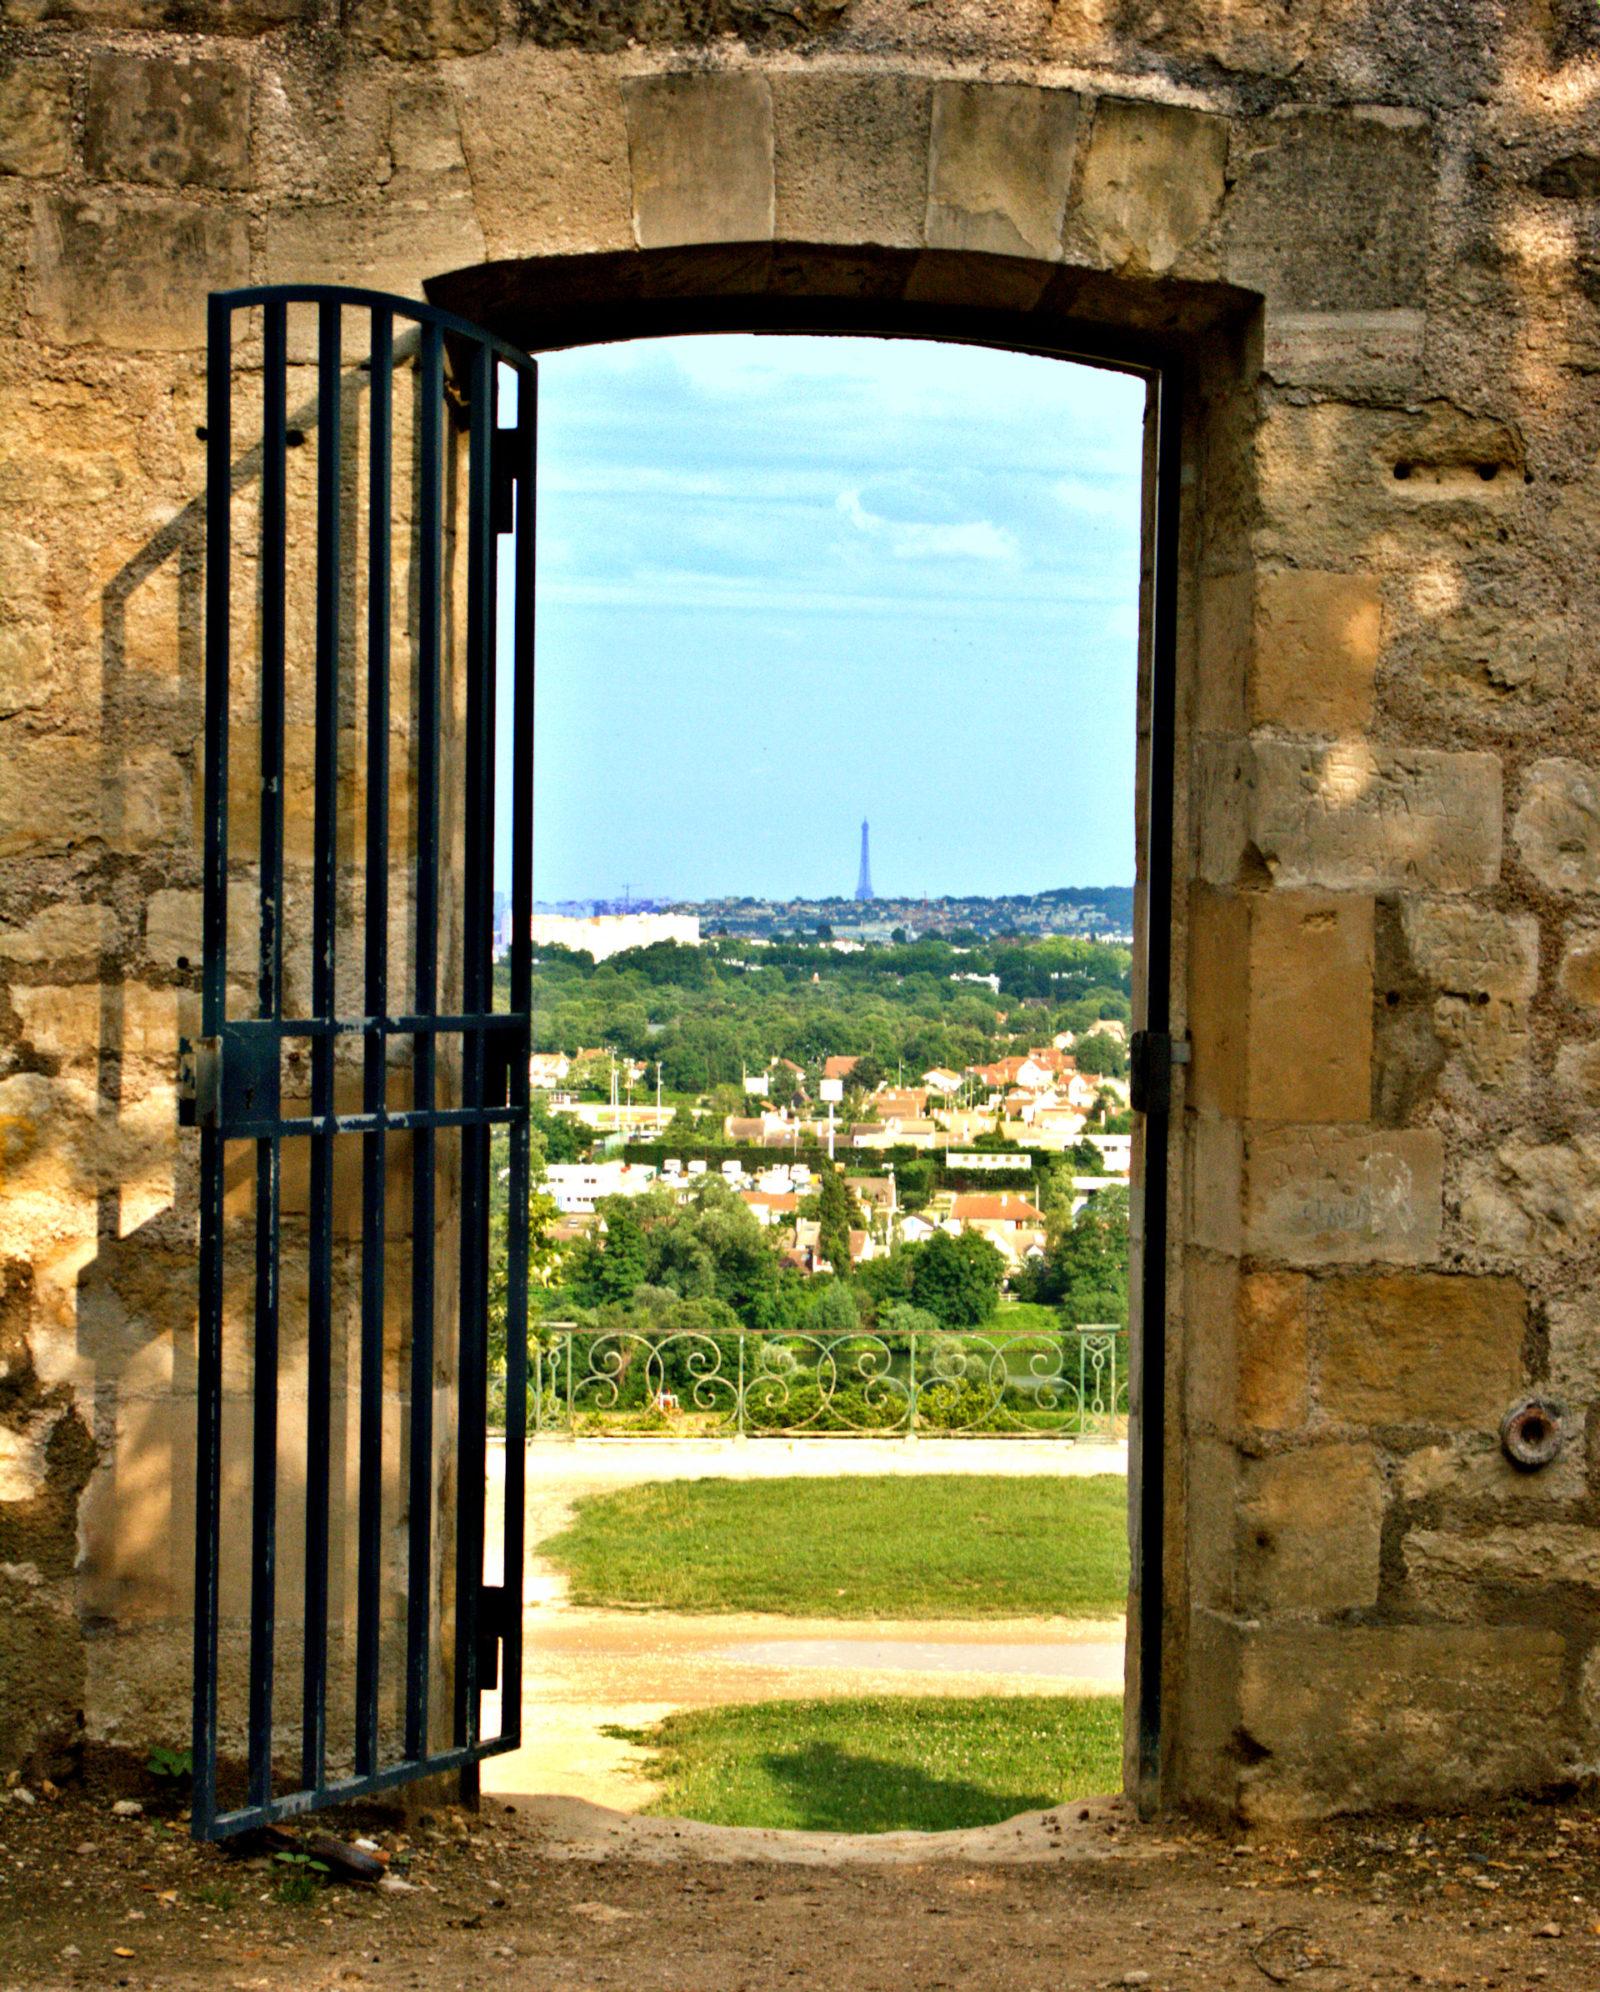 Gated doorway in Saint Germain en Laye outside Paris & Doorway Photos - May 2017- Week of the 22nd to 26th - A Writeru0027s Site